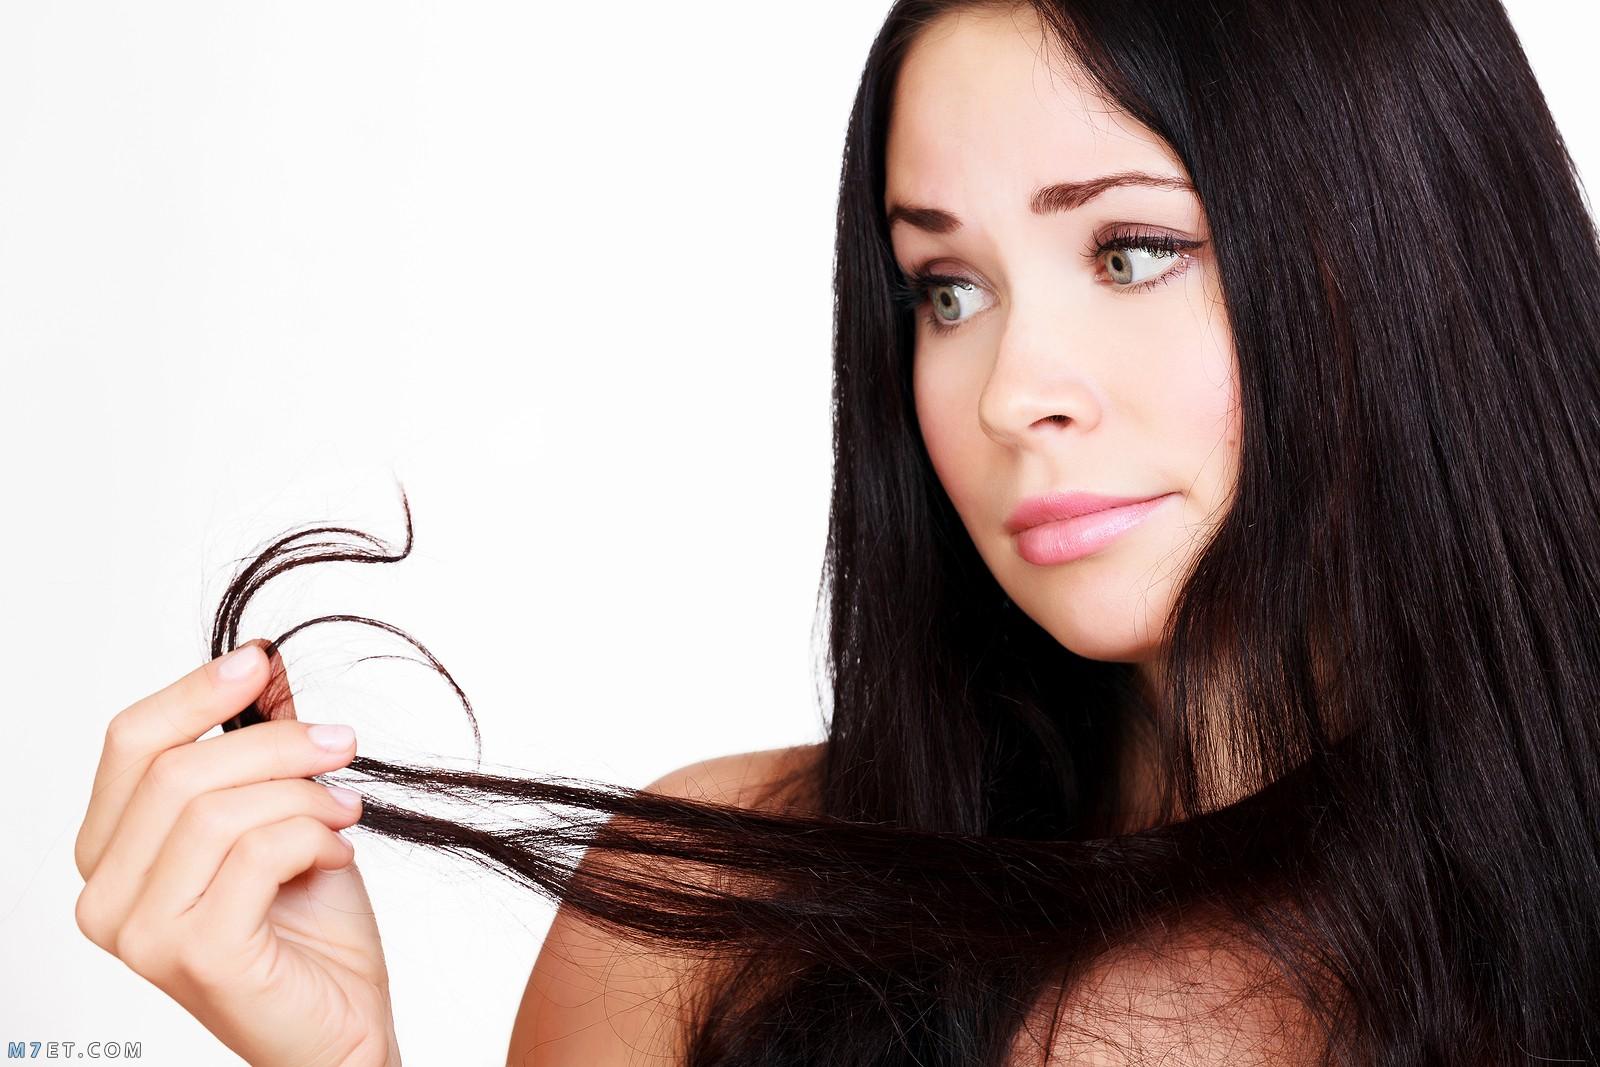 اسباب توقف نمو الشعر